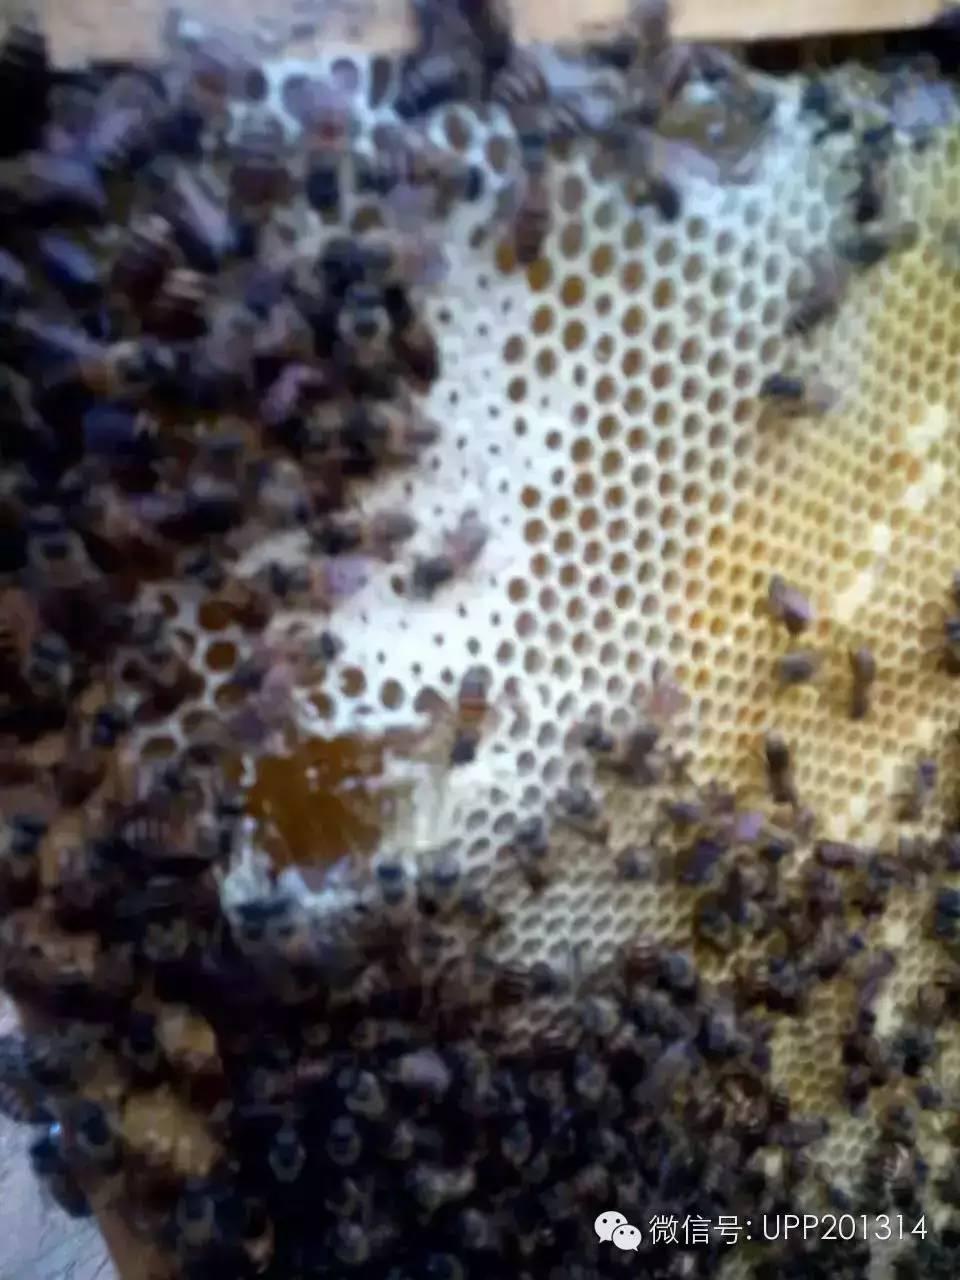 三七粉蜂蜜 儿童蜂蜜 无刺蜂特征 蜂蜜棒 女生蜂蜜